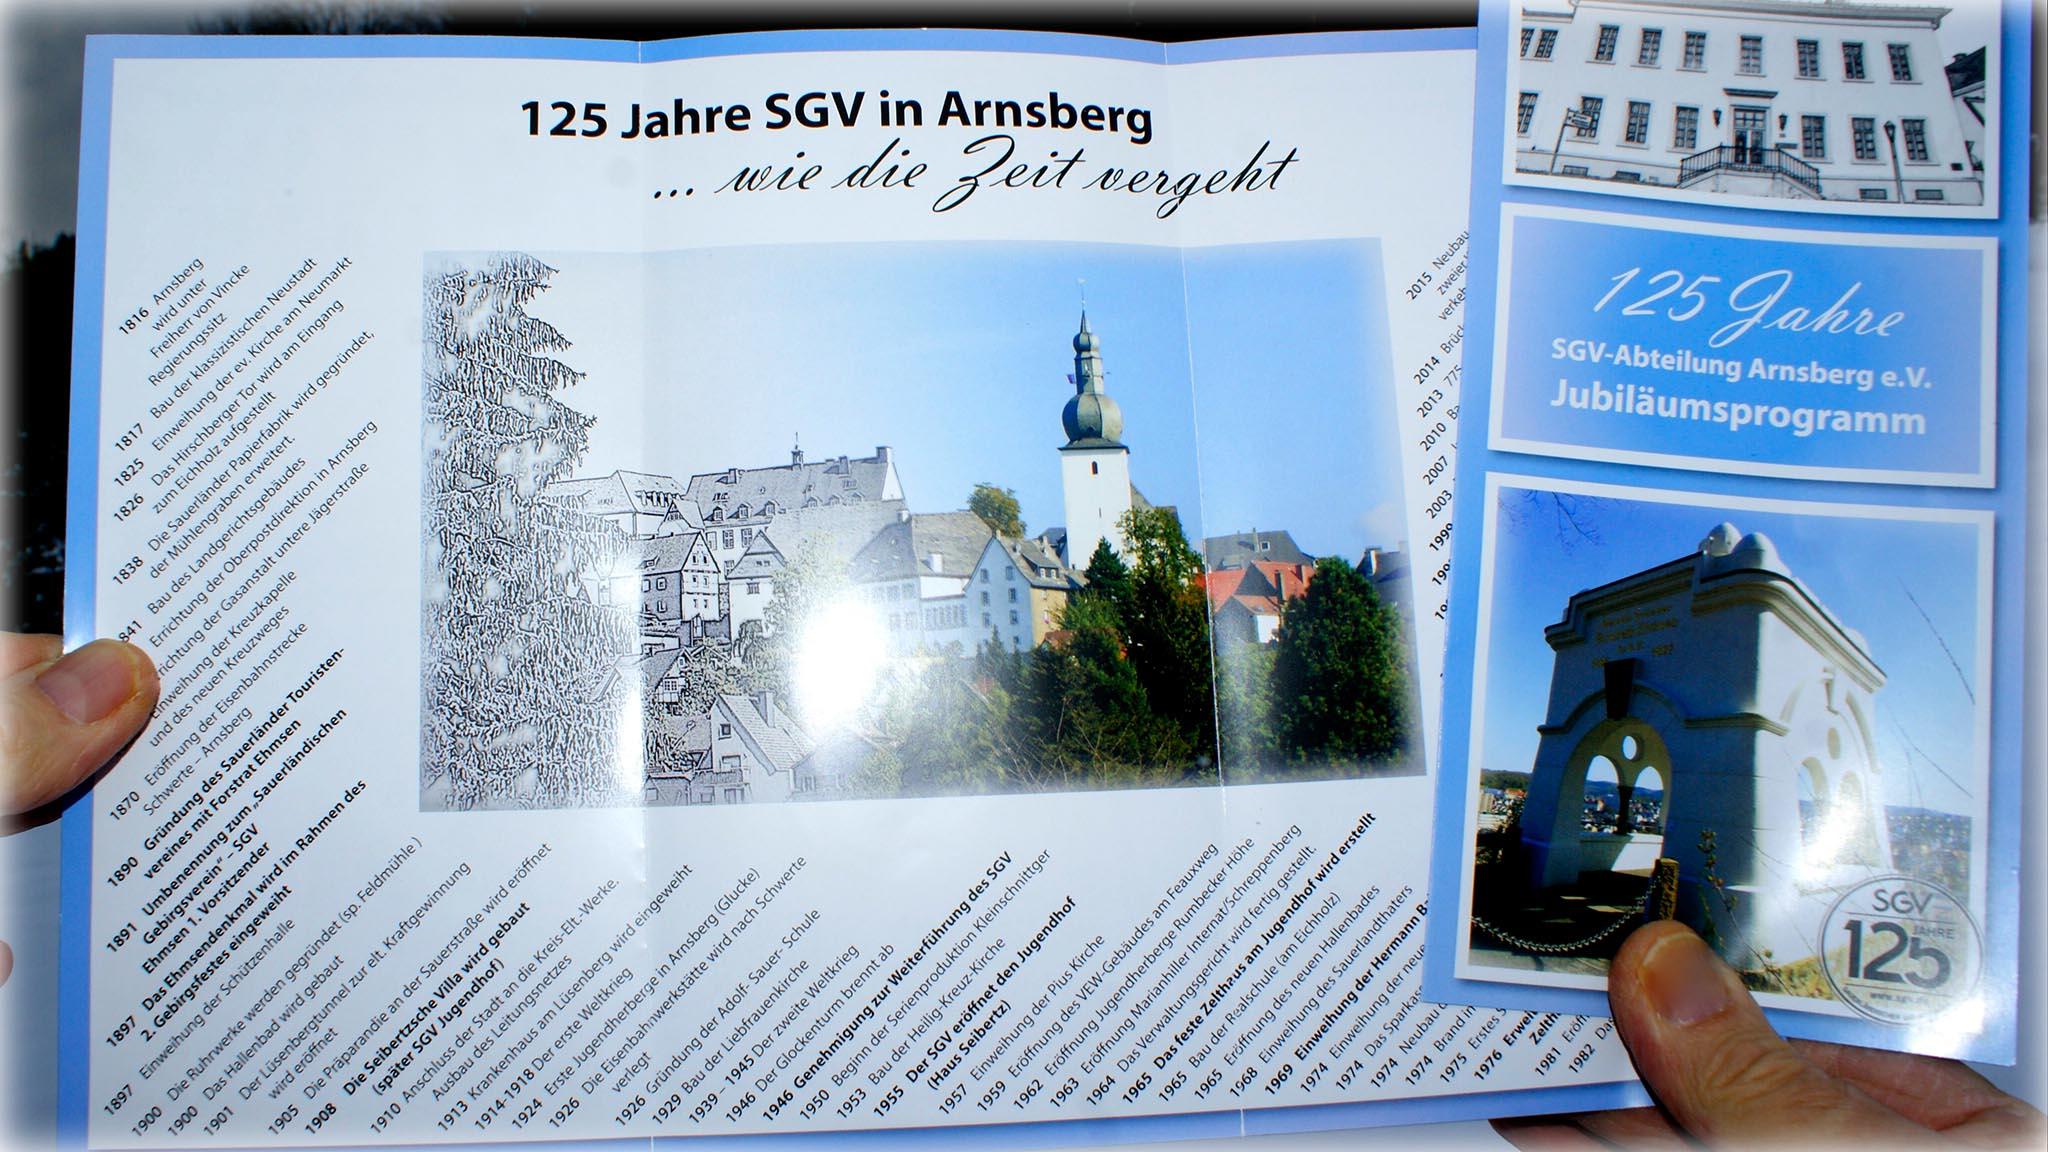 So schnell ist die Zeit vergangen: Der SGV in Arnsberg wird in diesem Jahr 125 Jahre alt (Foto: Klaus Peters)